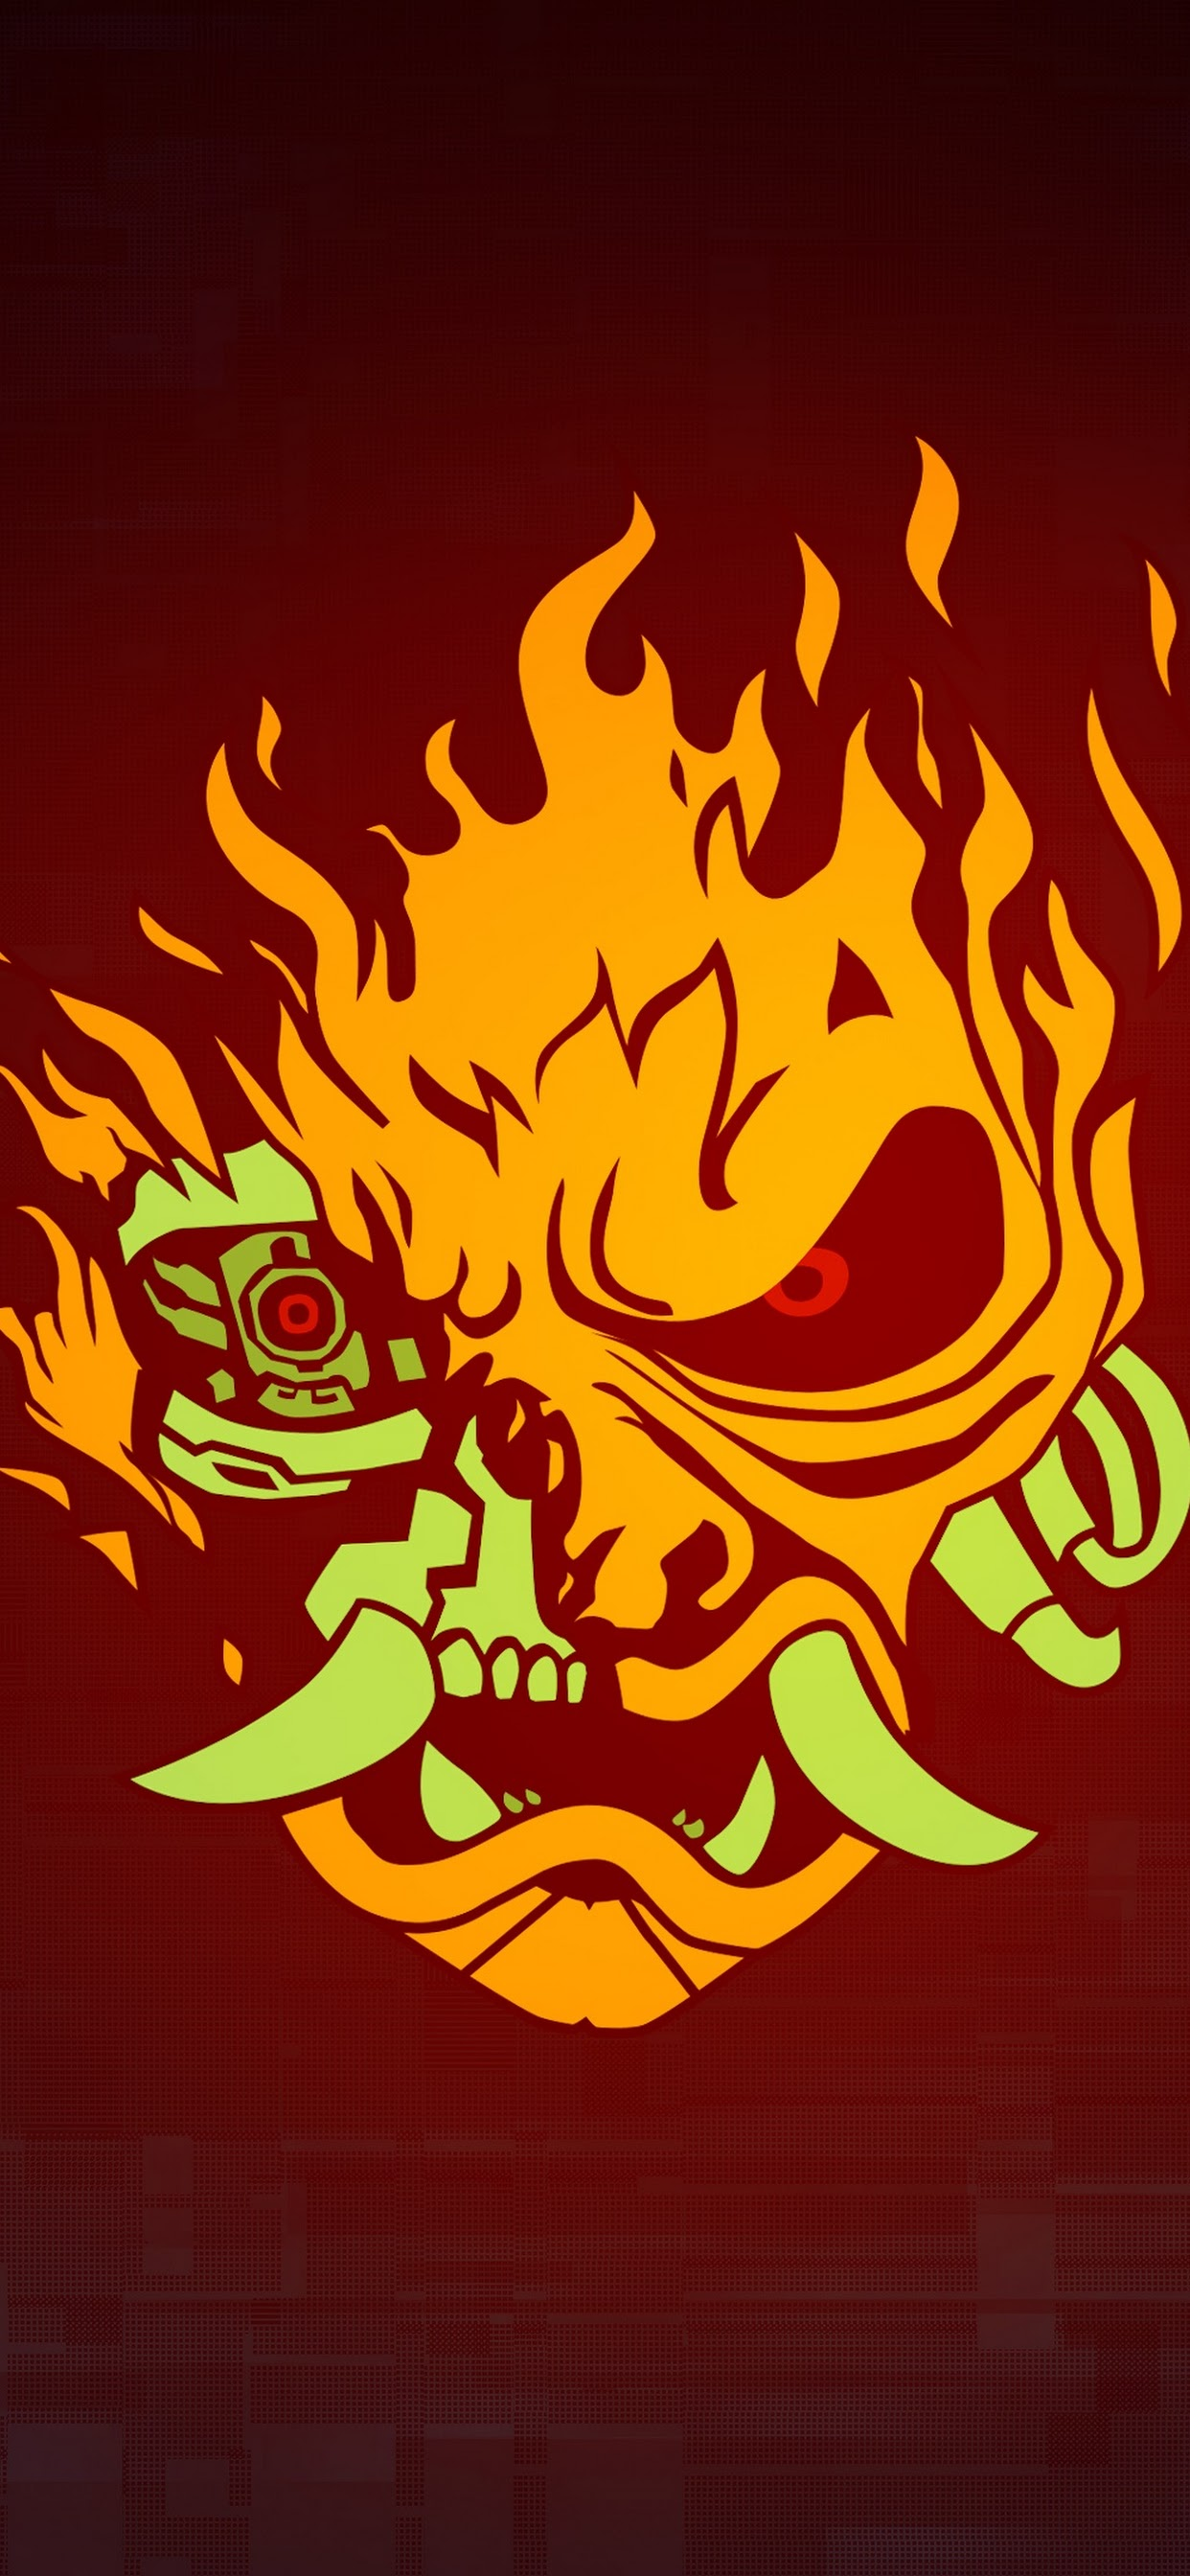 Cyberpunk 2077, Samurai, Logo, 4k, - Cyberpunk 2077 ...